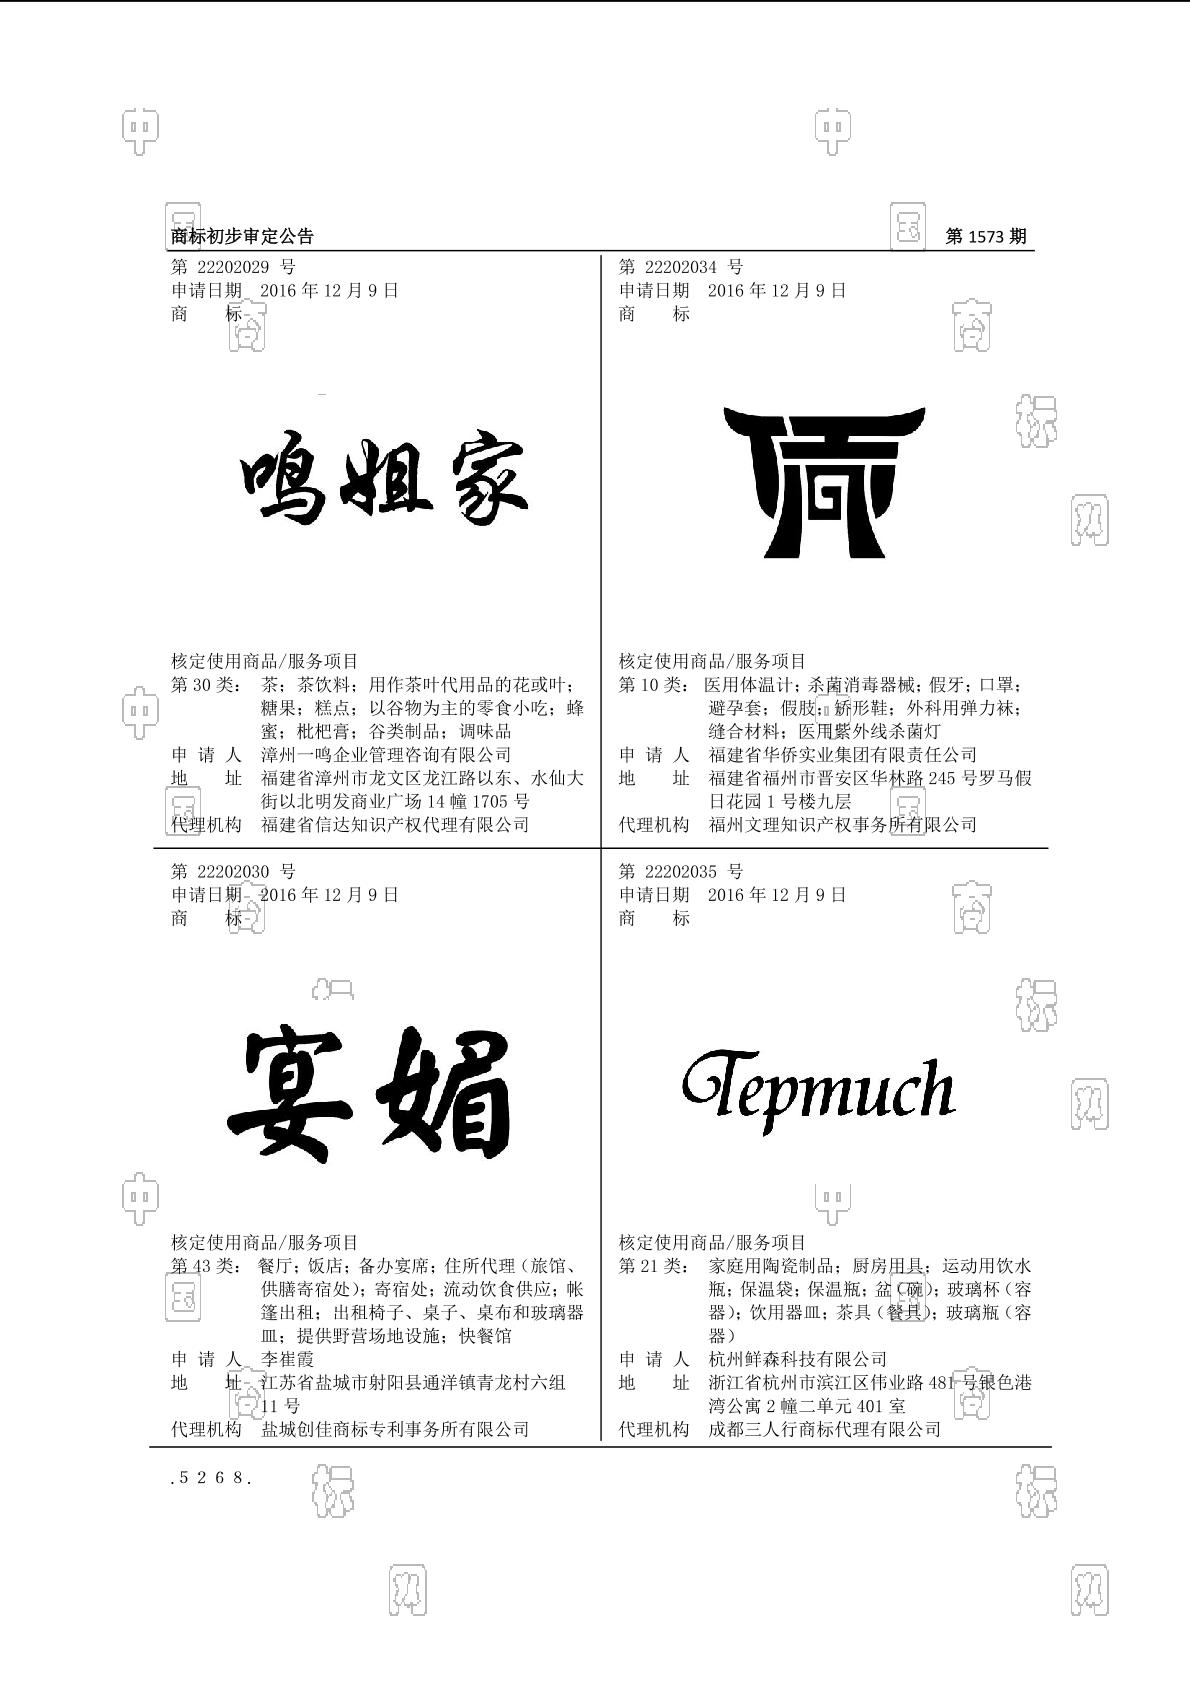 【社标网】TEPMUCH商标状态注册号信息 杭州鲜森科技有限公司商标信息-商标查询